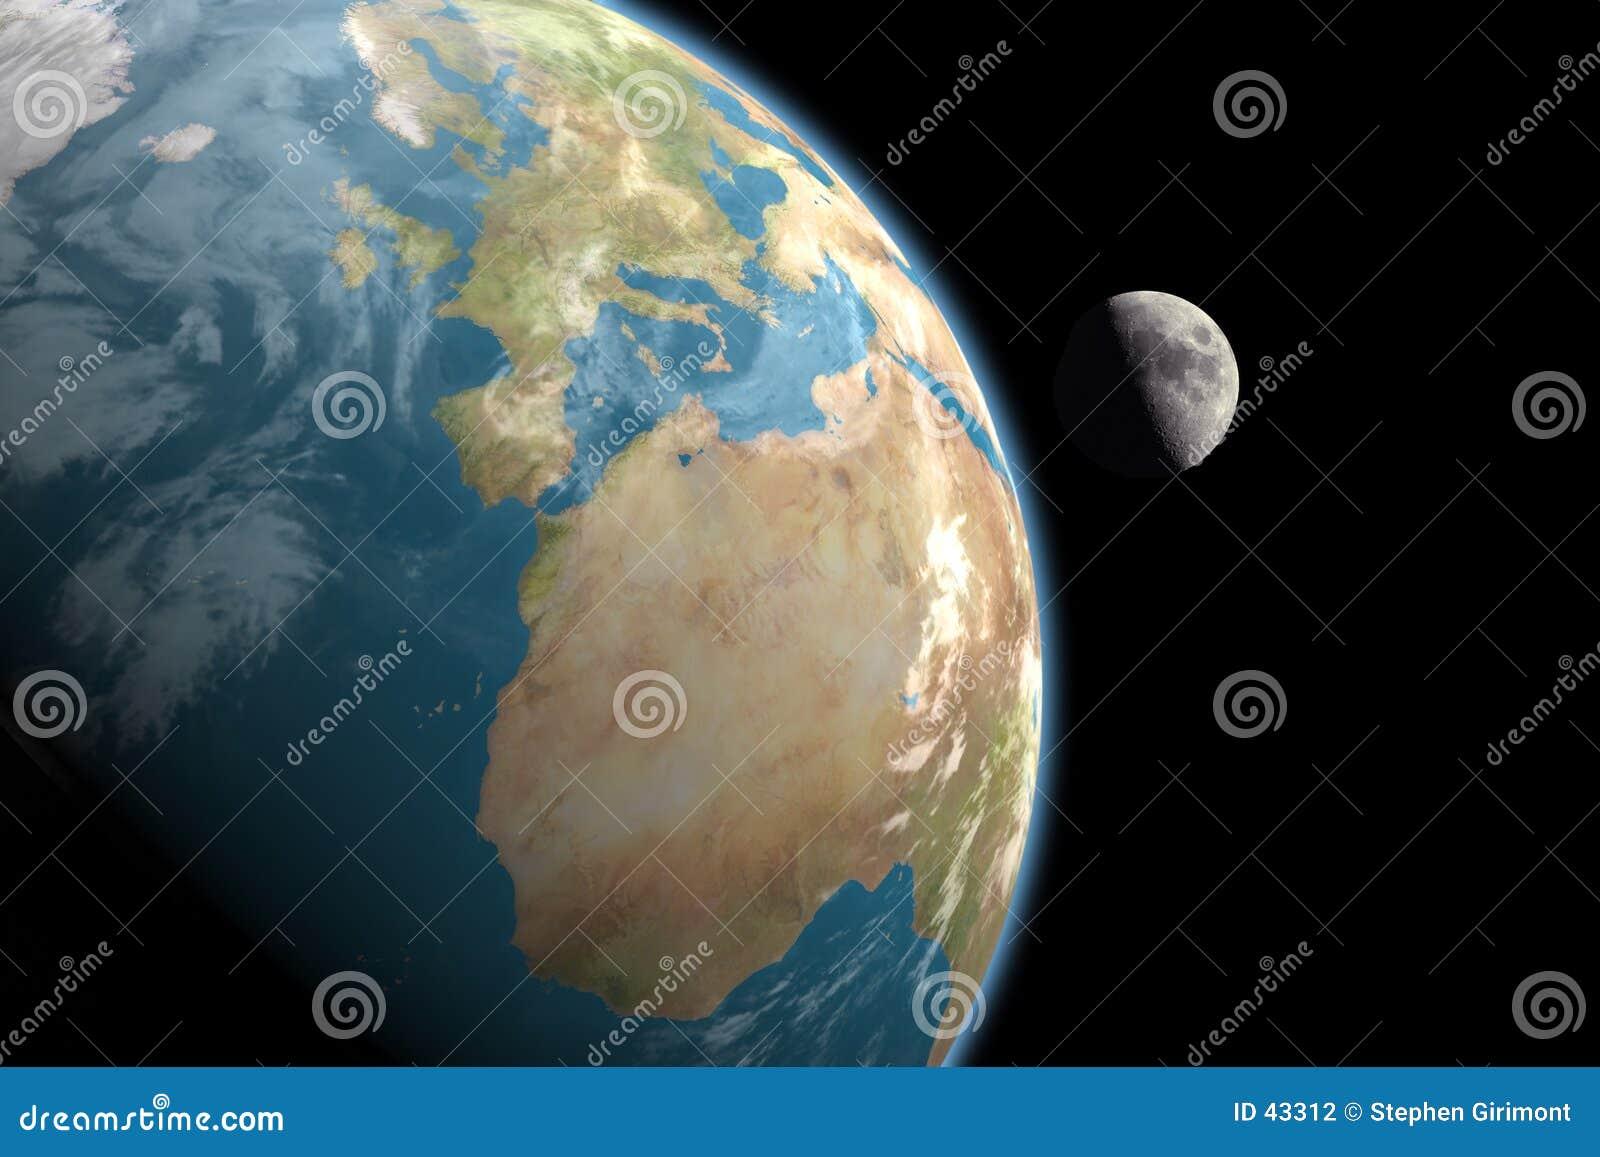 Download Europa, África Y Luna, Ningunas Estrellas Stock de ilustración - Ilustración de luna, futuro: 43312